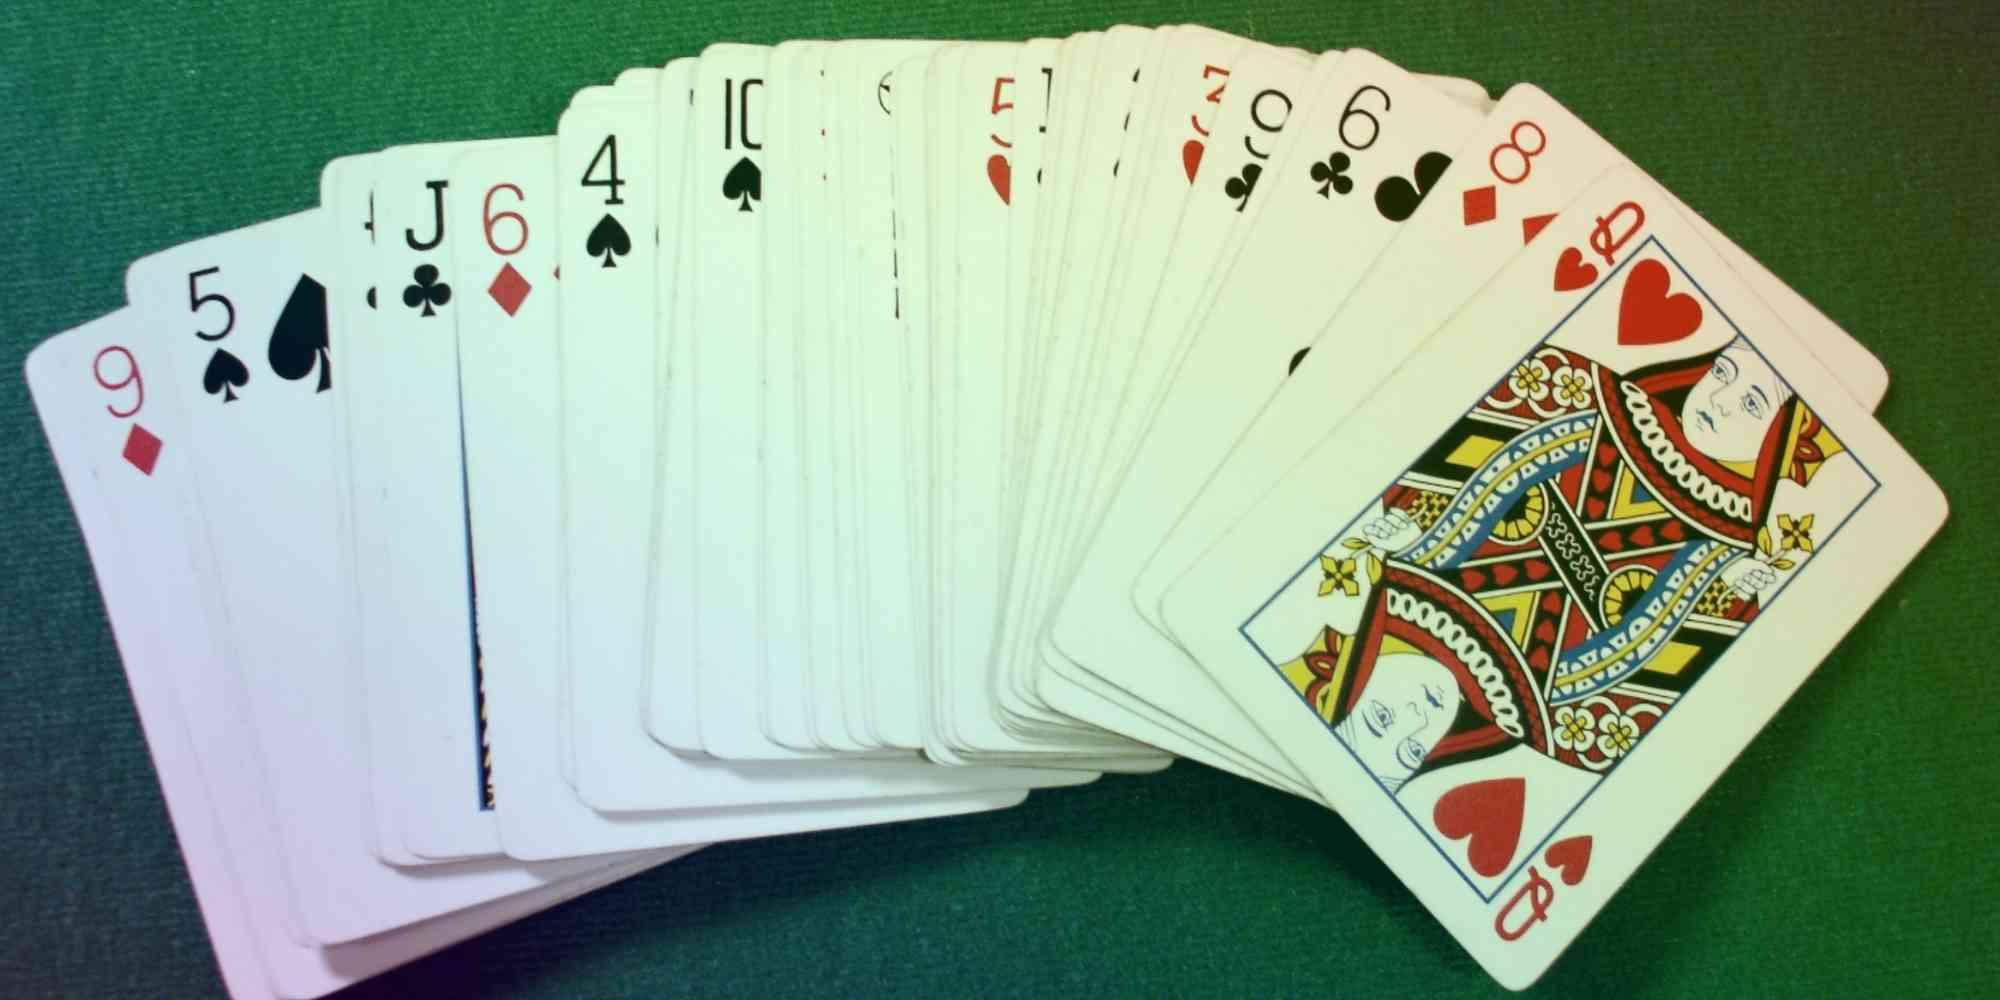 Queen Cards In Blackjack